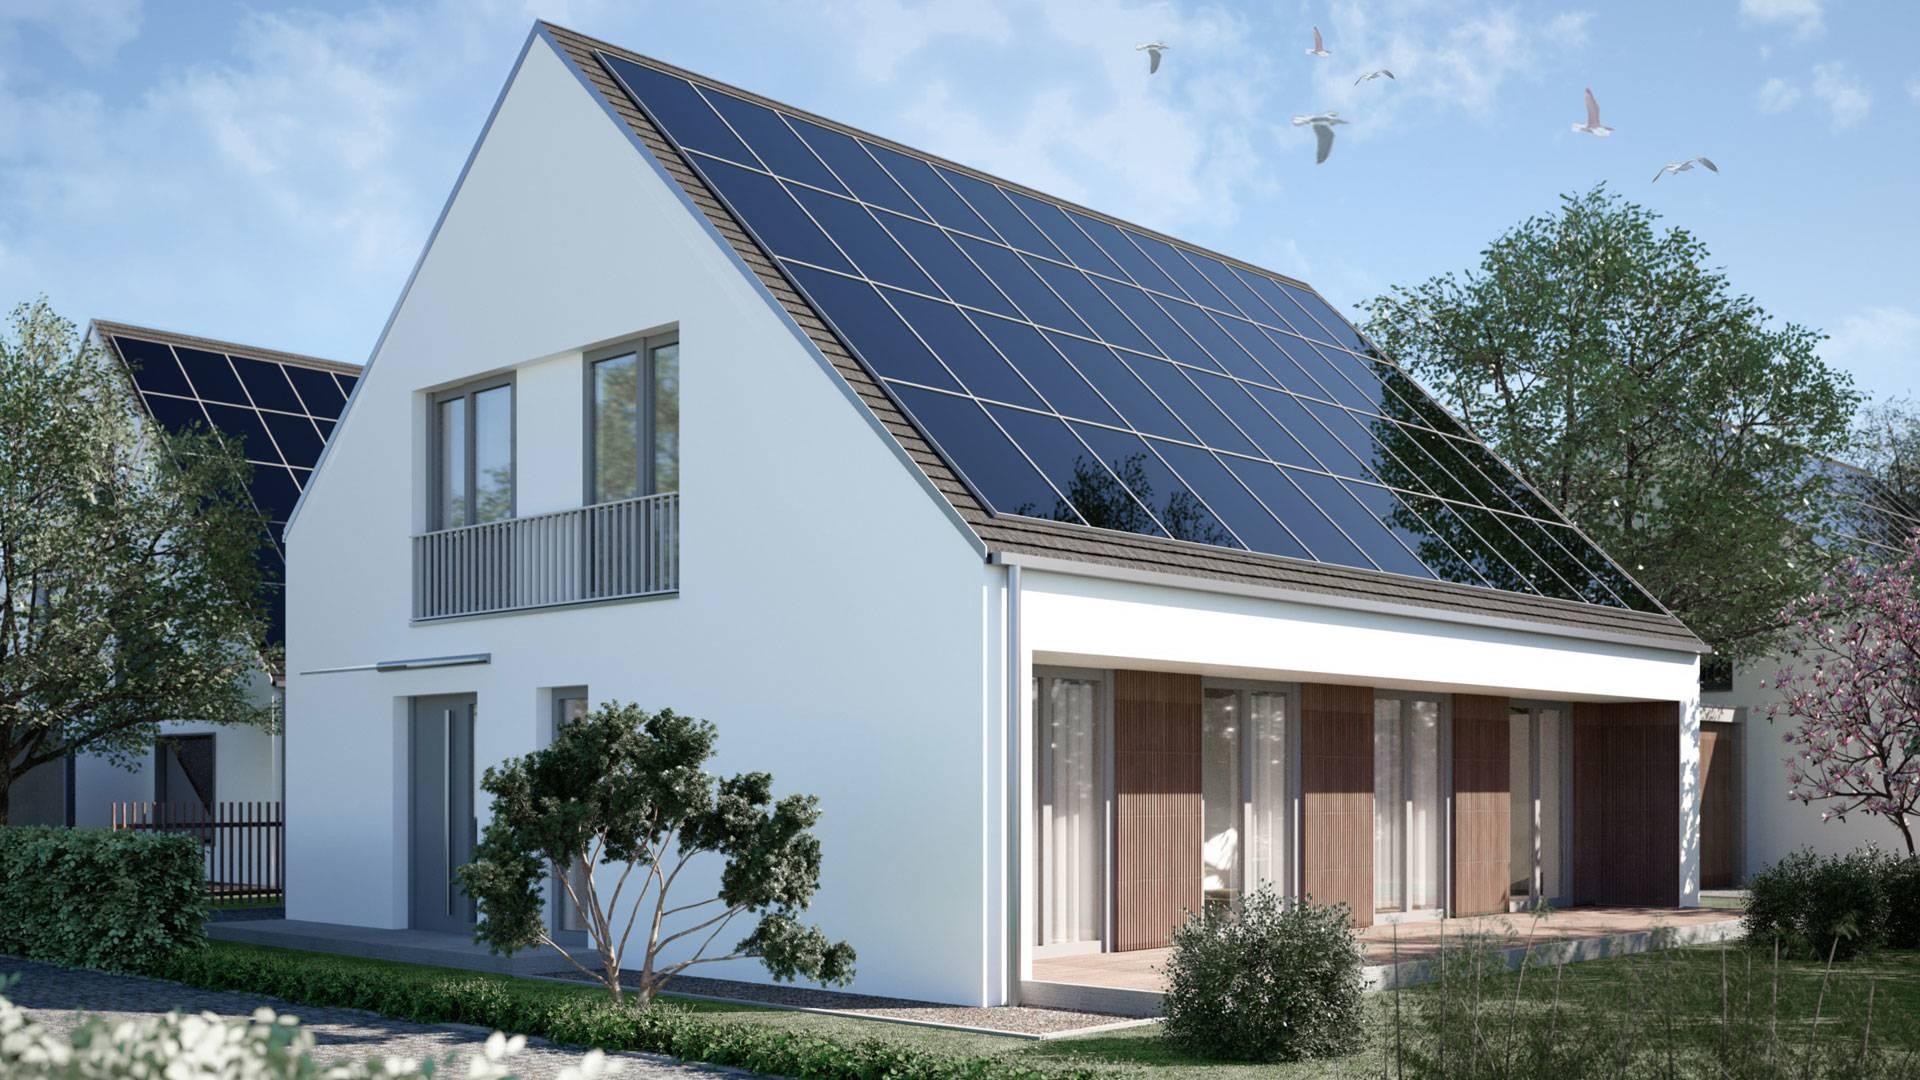 Effizienzhaus Plus-Siedlung Einfamilienhaus